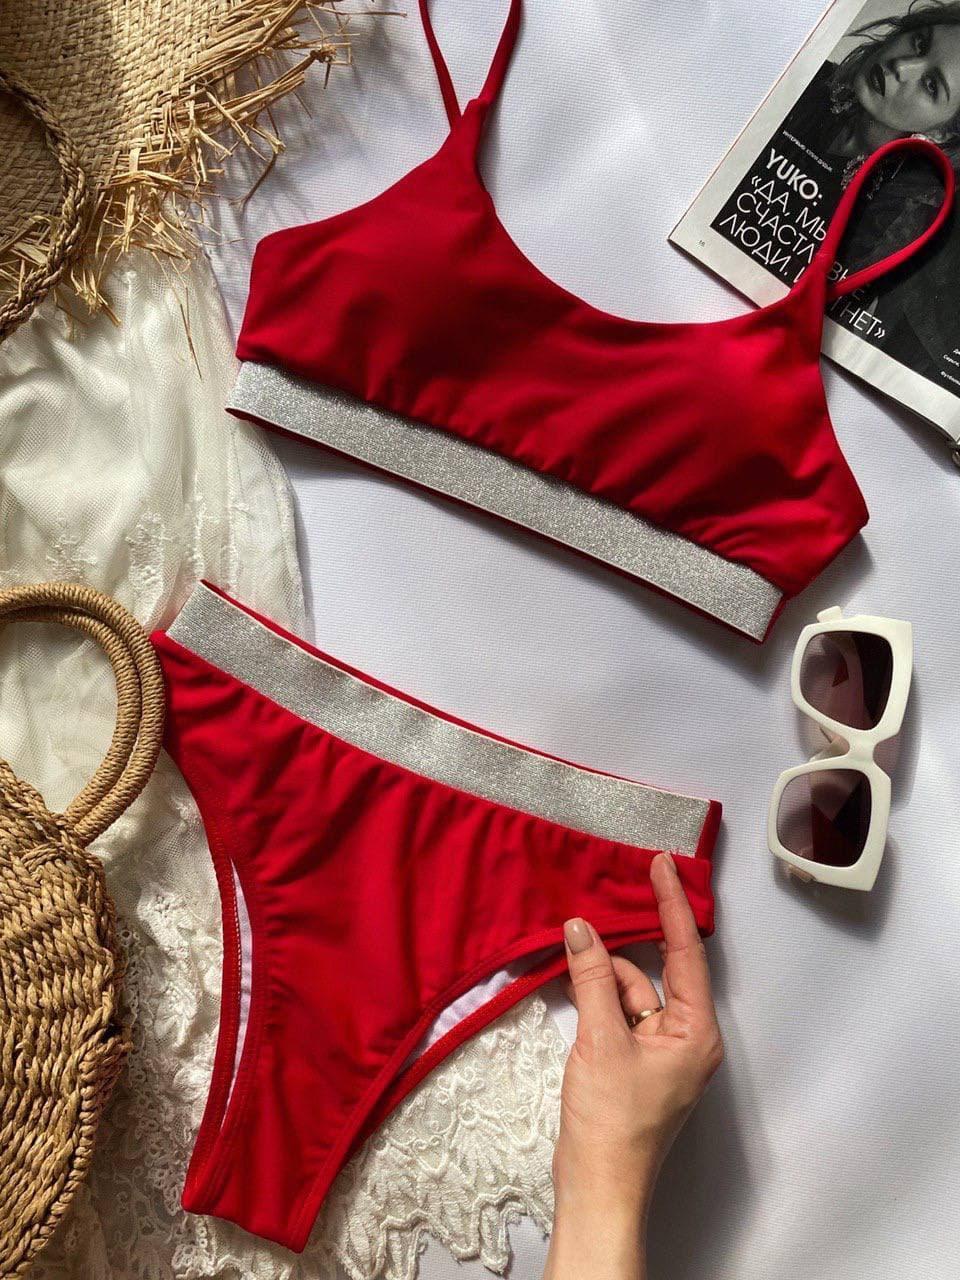 Красный женский купальник топом раздельный, Красивый модный купальник 2021 с высокой талией и посадкой